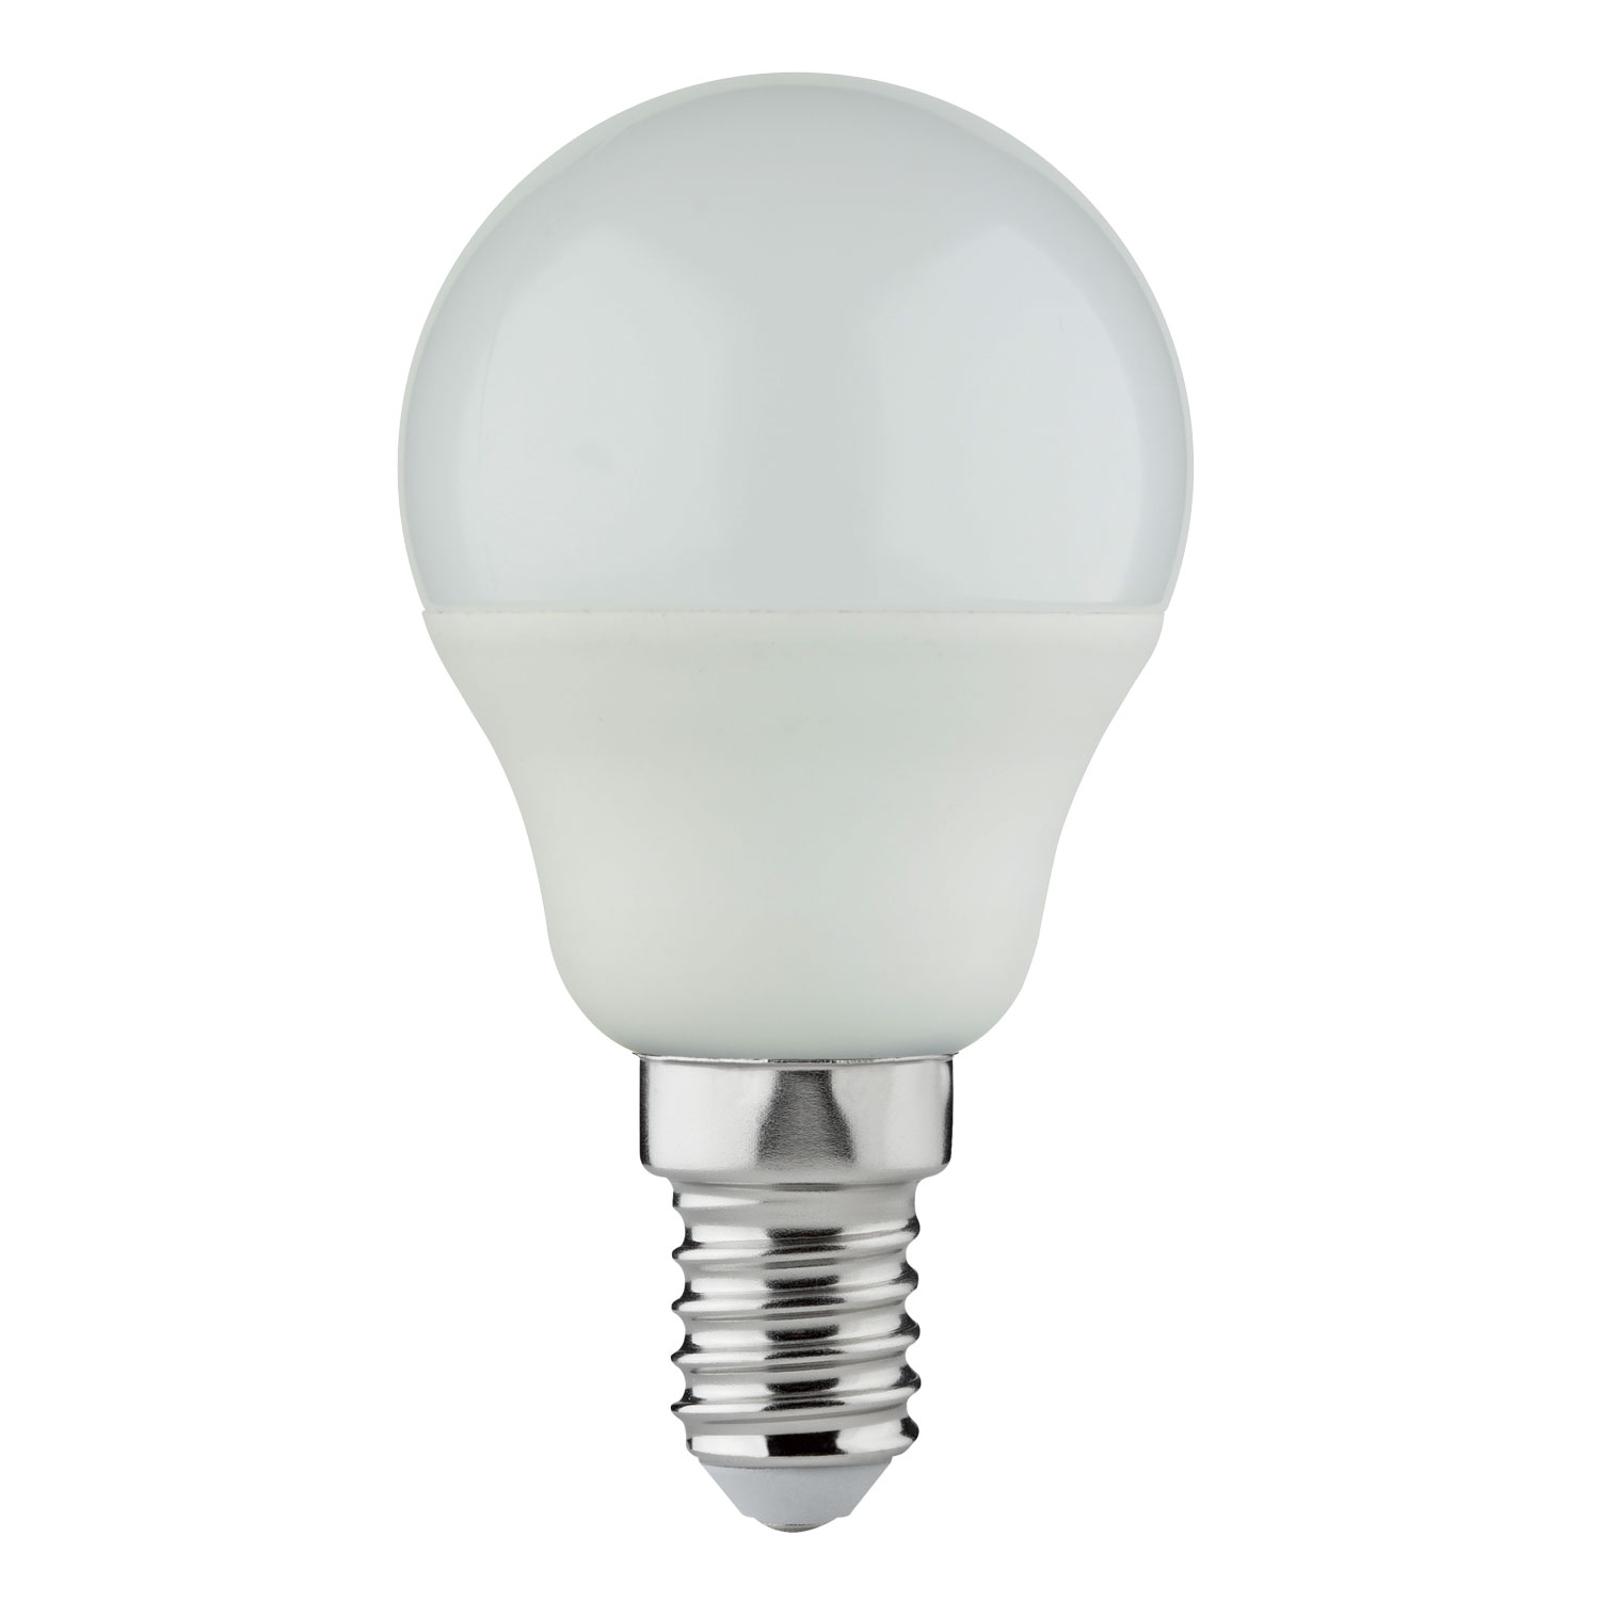 Lindby żarówka kropla LED E14 G45 4,5W opalowa